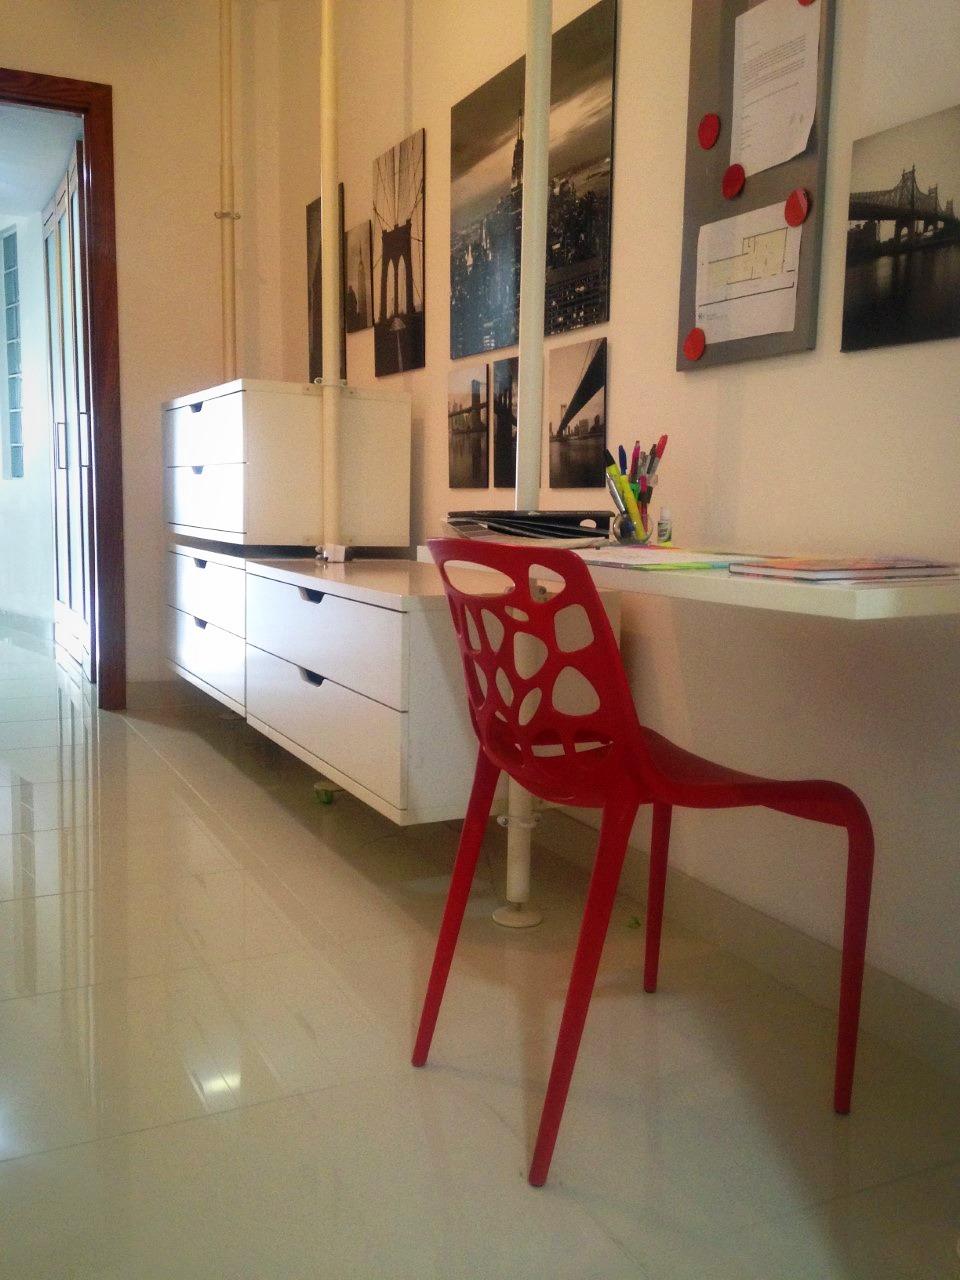 de pasillo a home office - Naco